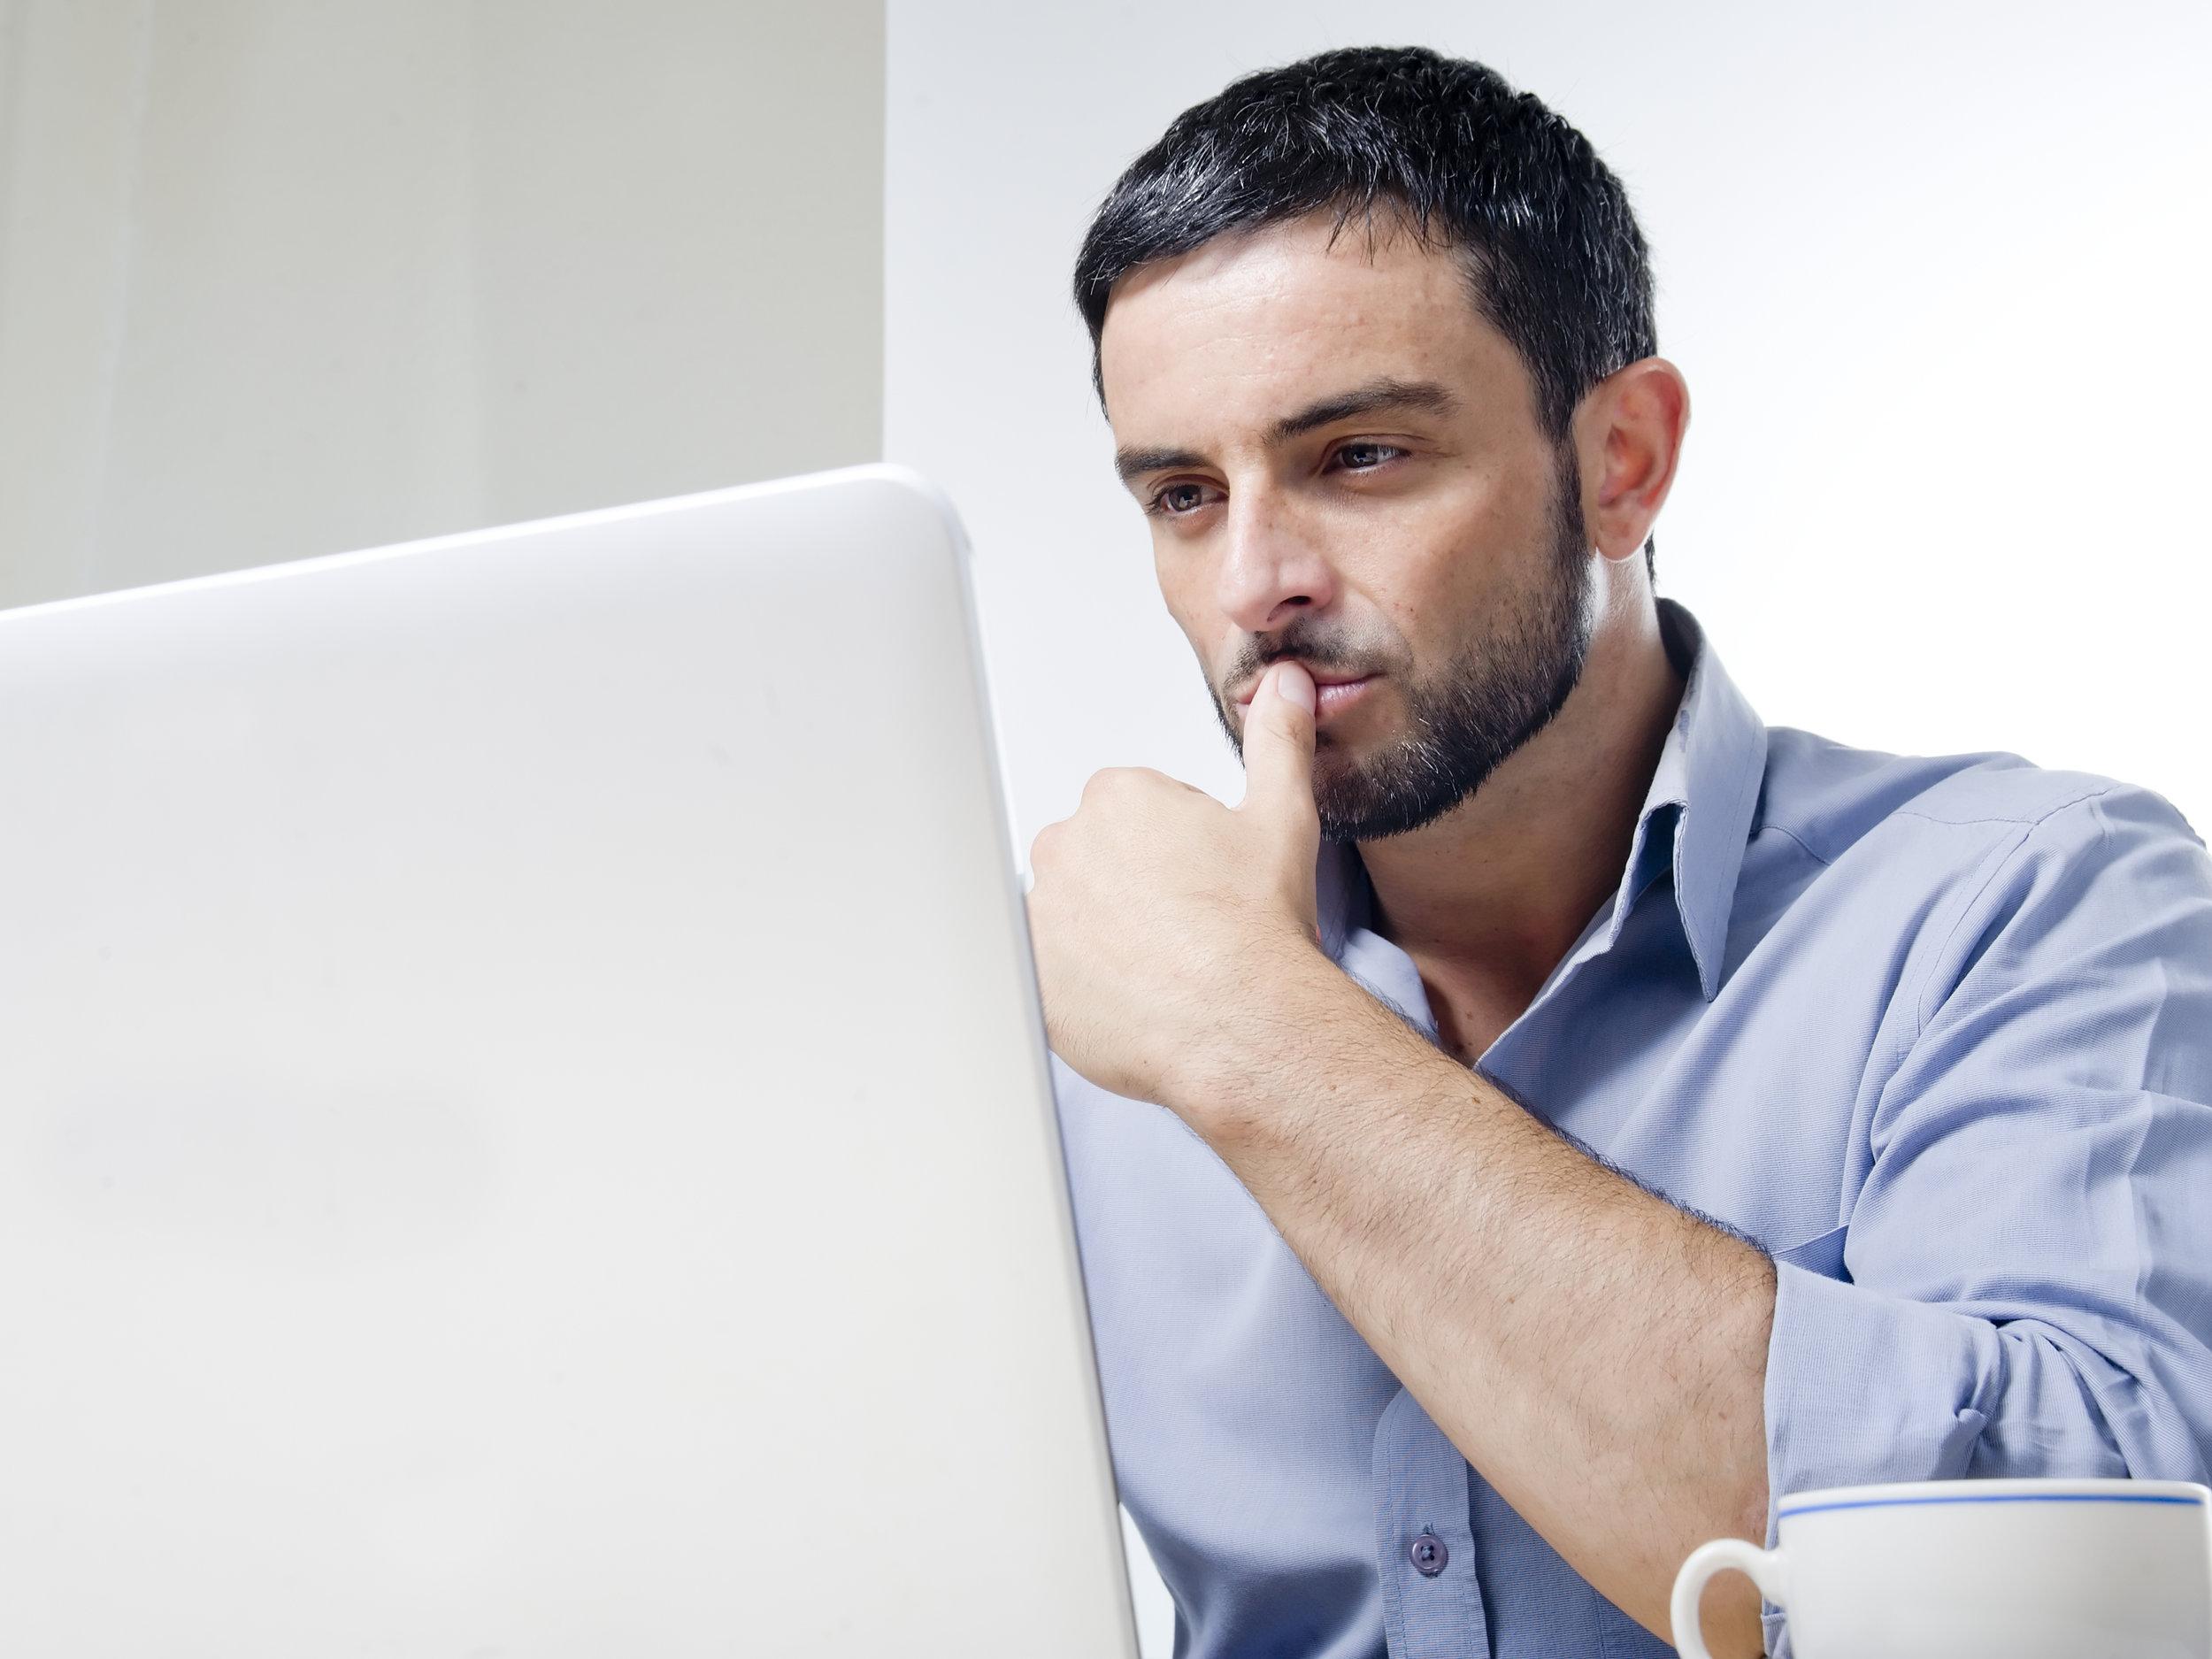 Young Man with Beard working on Laptop by OcusFocus  TRADUÇÃO E REVISÃO DE TEXTO